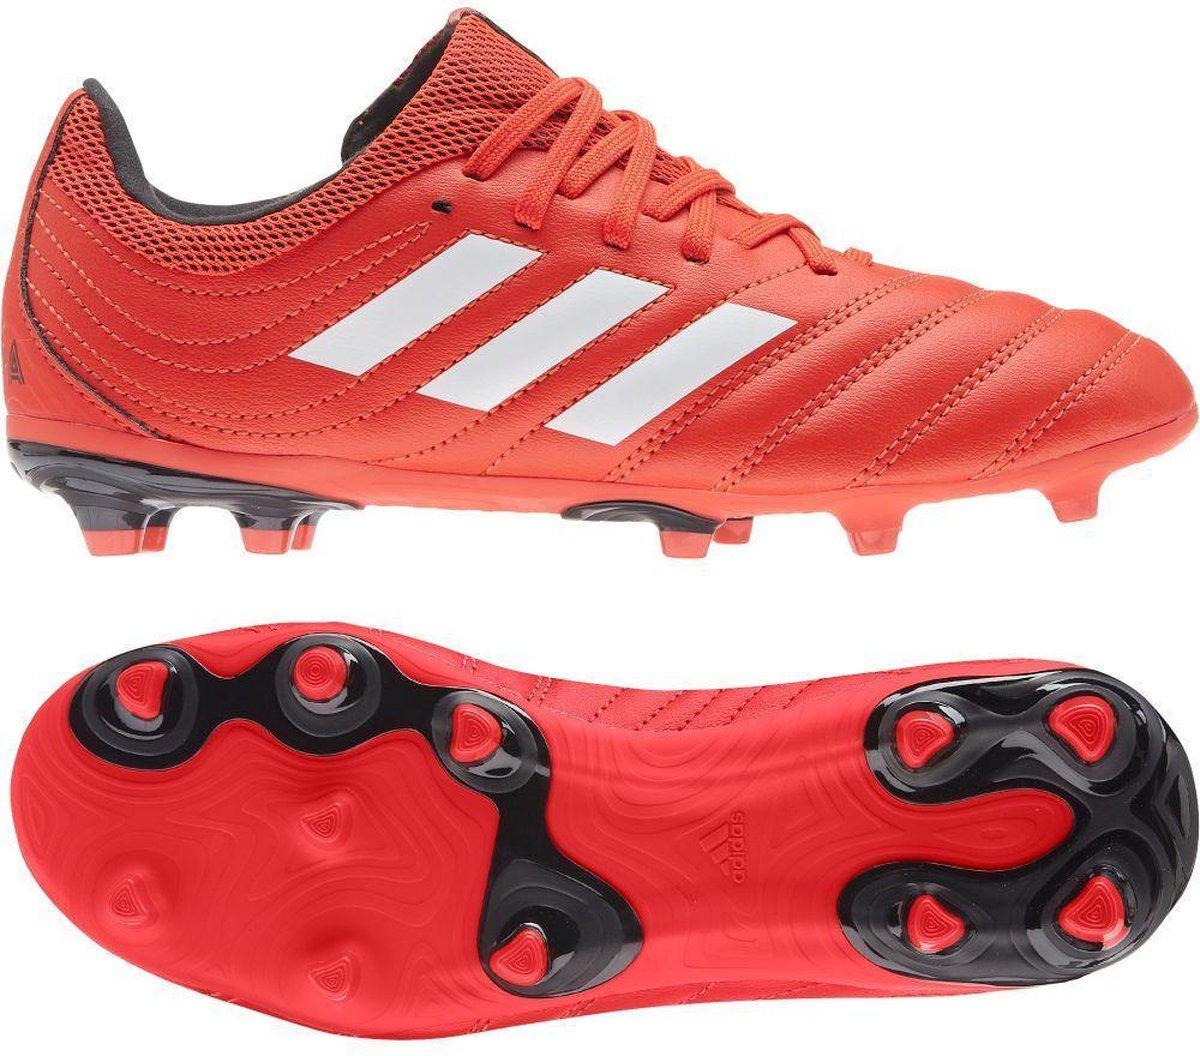 toni kroos voetbalschoenen